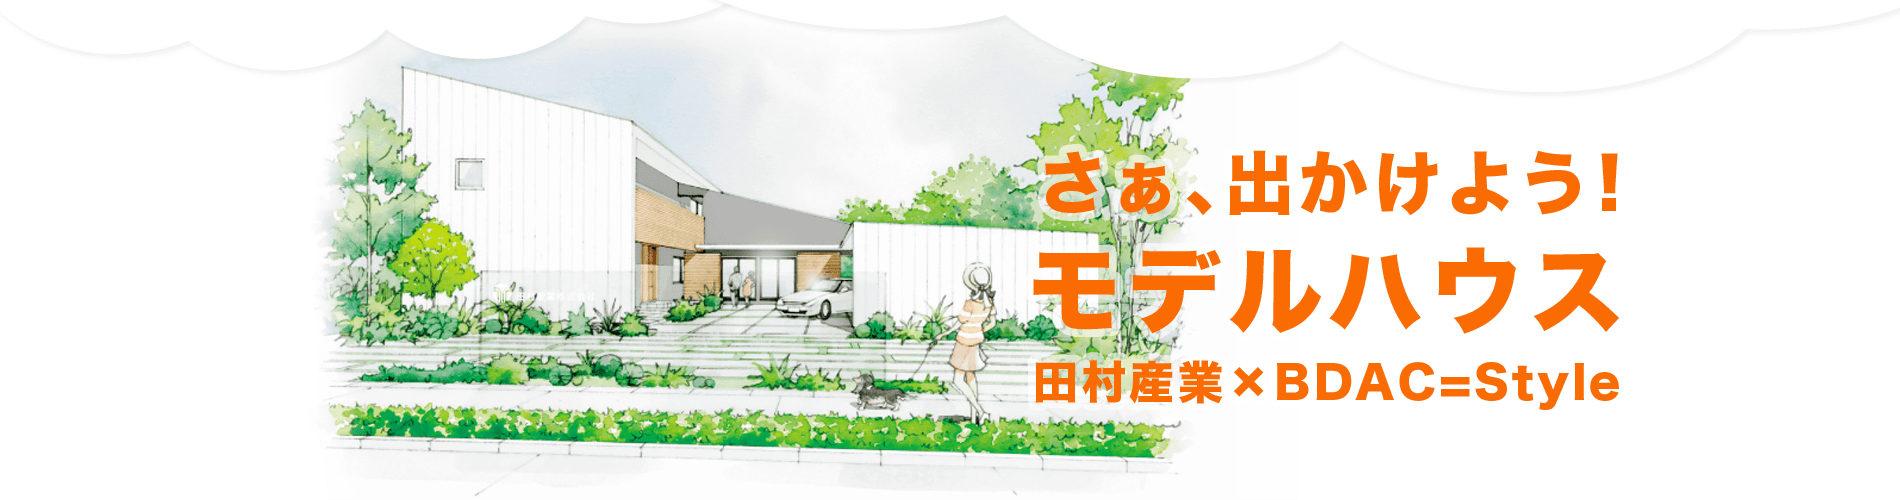 田村産業モデルハウス(田村市の新築注文住宅・リフォーム・リノベーション、田村産業株式会社)